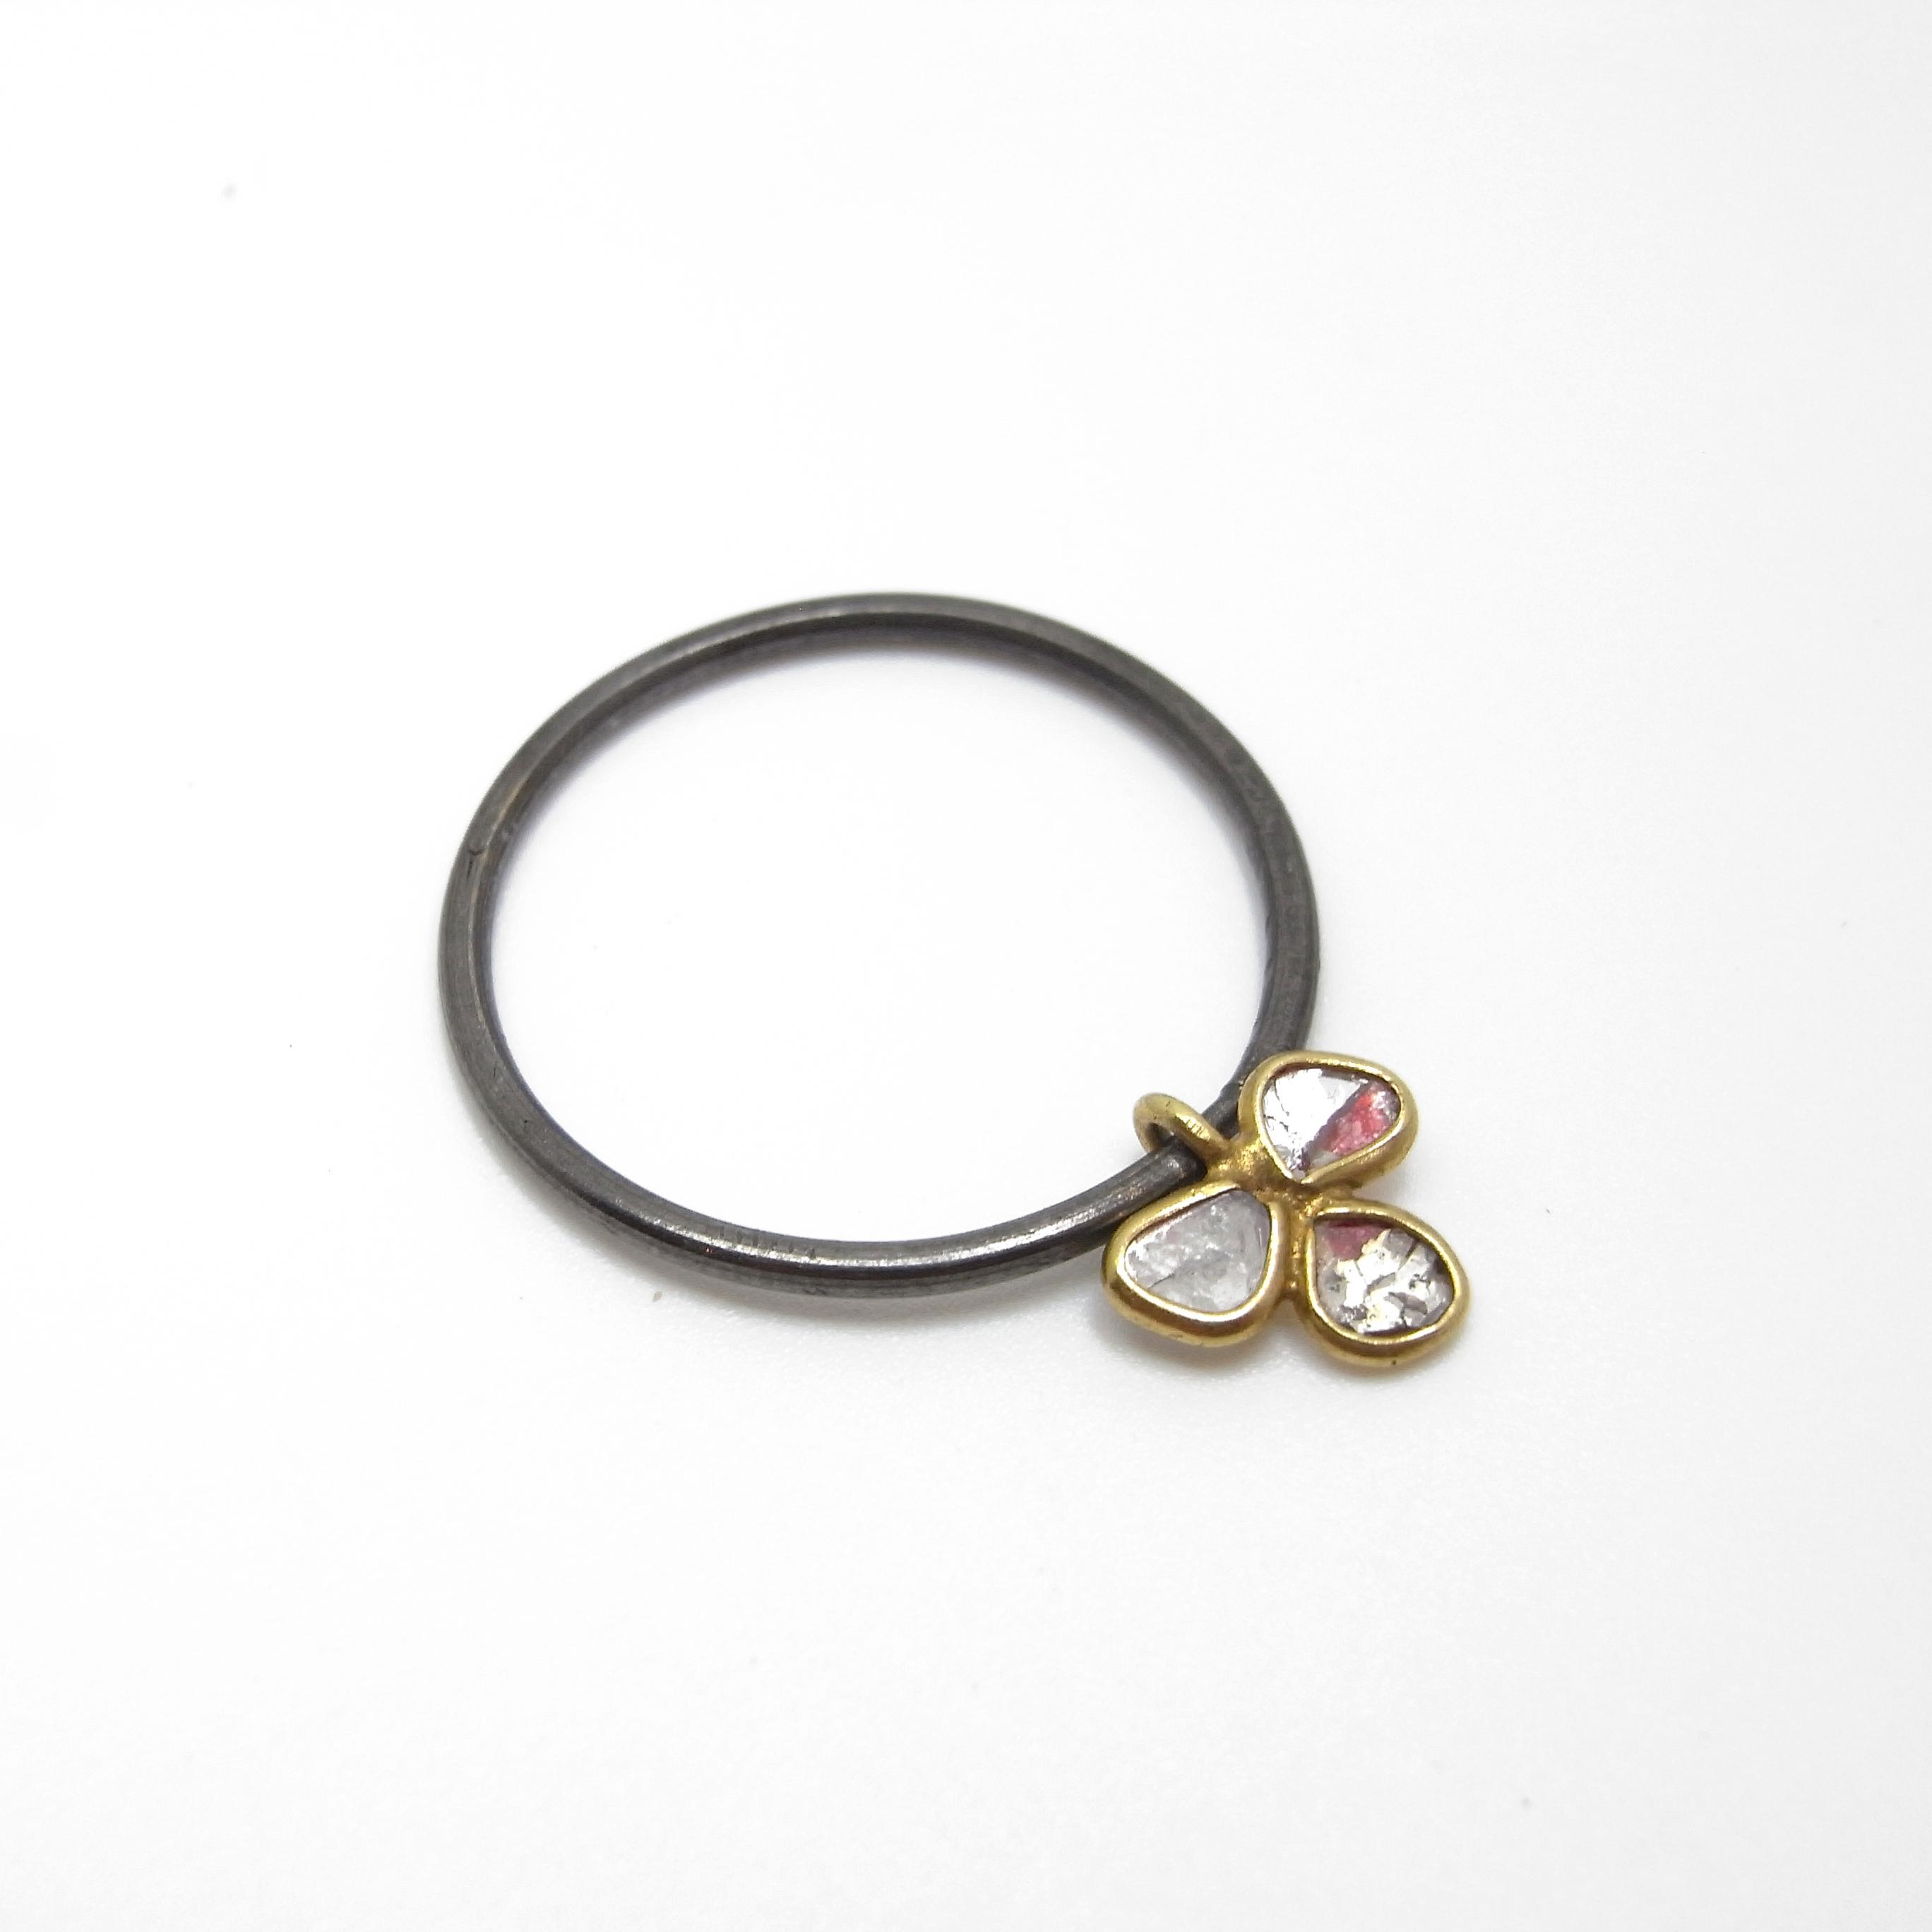 Oxidised Ring with Diamond Petal Charm